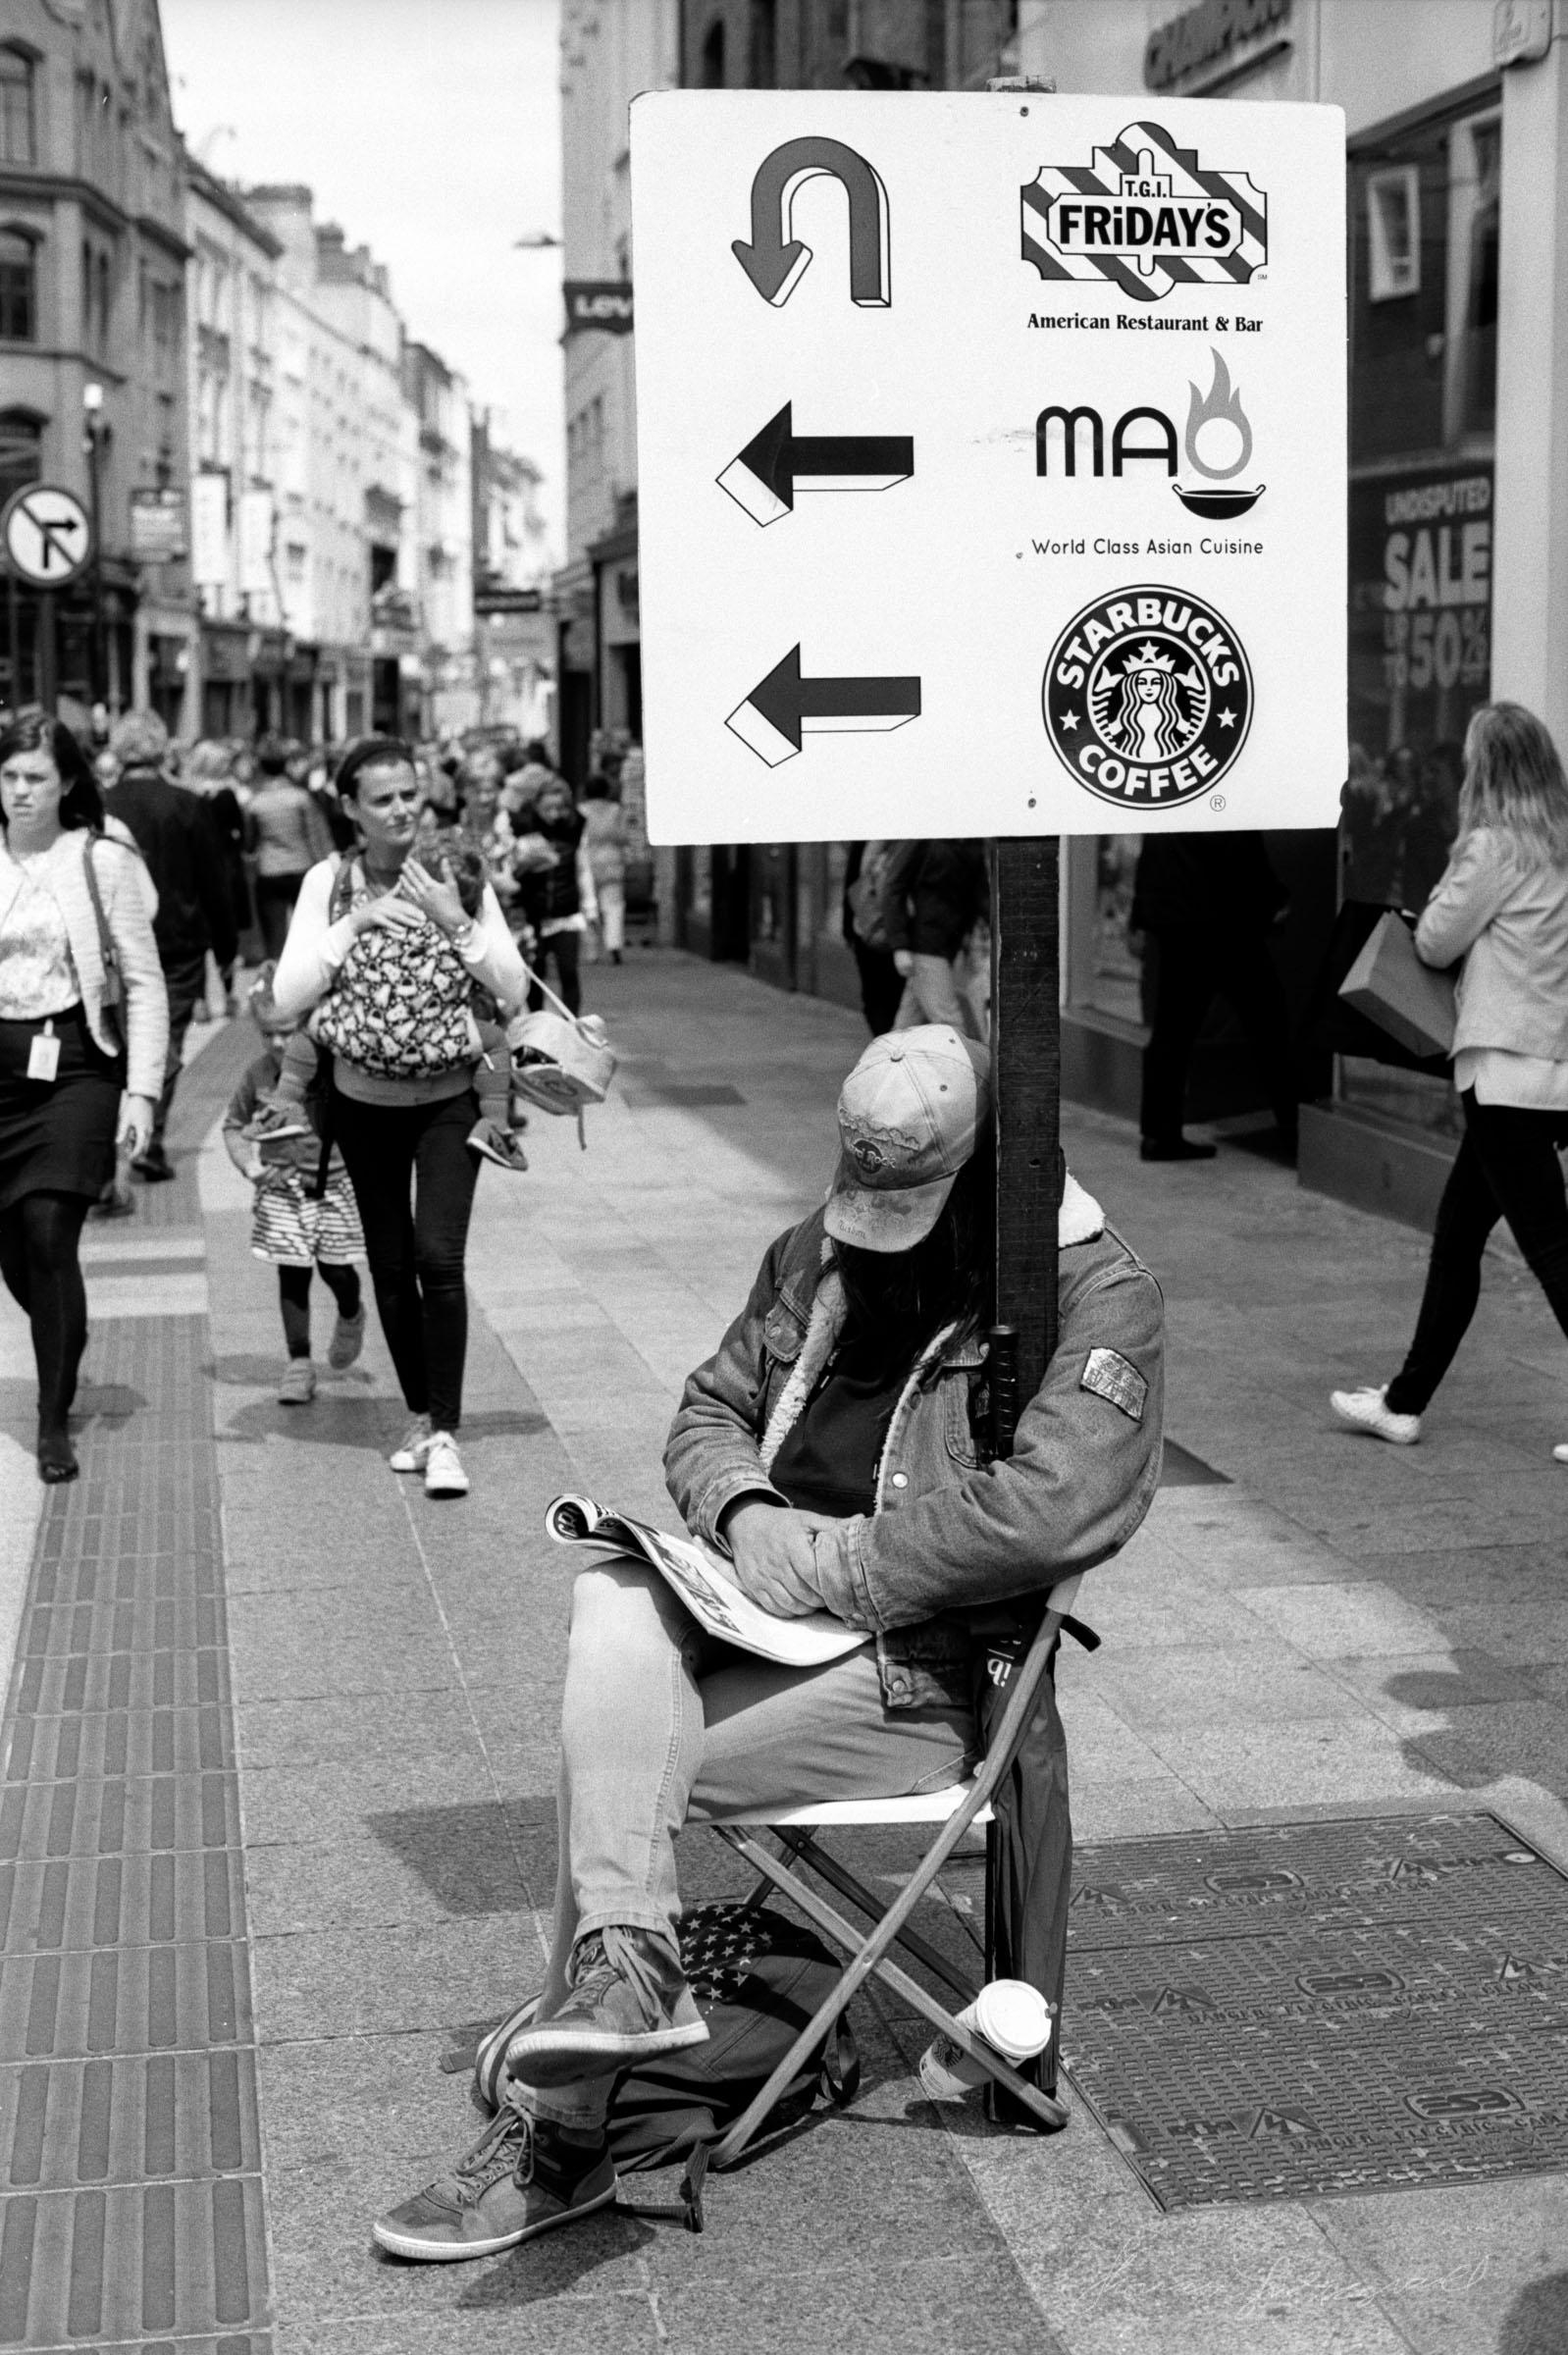 Guy-holding-sign-grafton-street.jpg